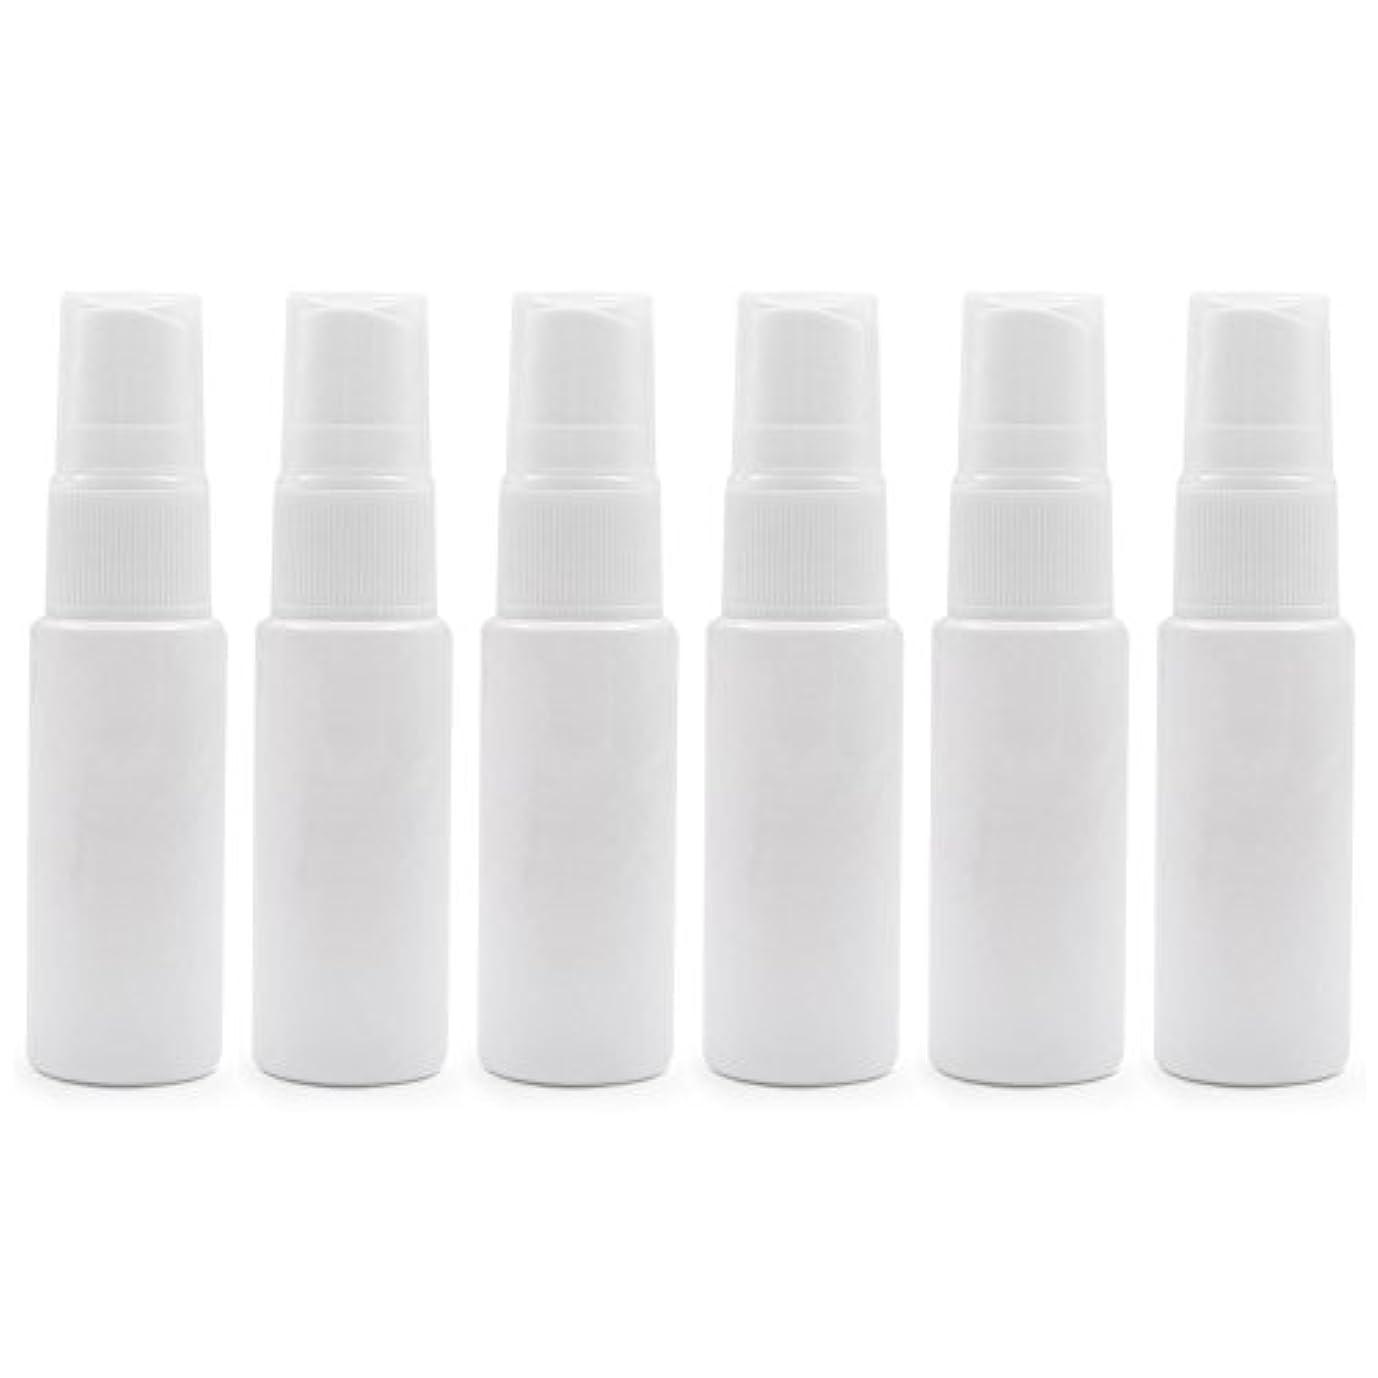 終わりクーポン活発6 PCS Aspire透明プラスチックスプレーボトル 旅行 クリーニング エッセンシャルオイル マウスウォッシュ 香水(10ml 20ml)のための携帯用詰め替え可能な香水瓶スプレー - ホワイト - 10 ml